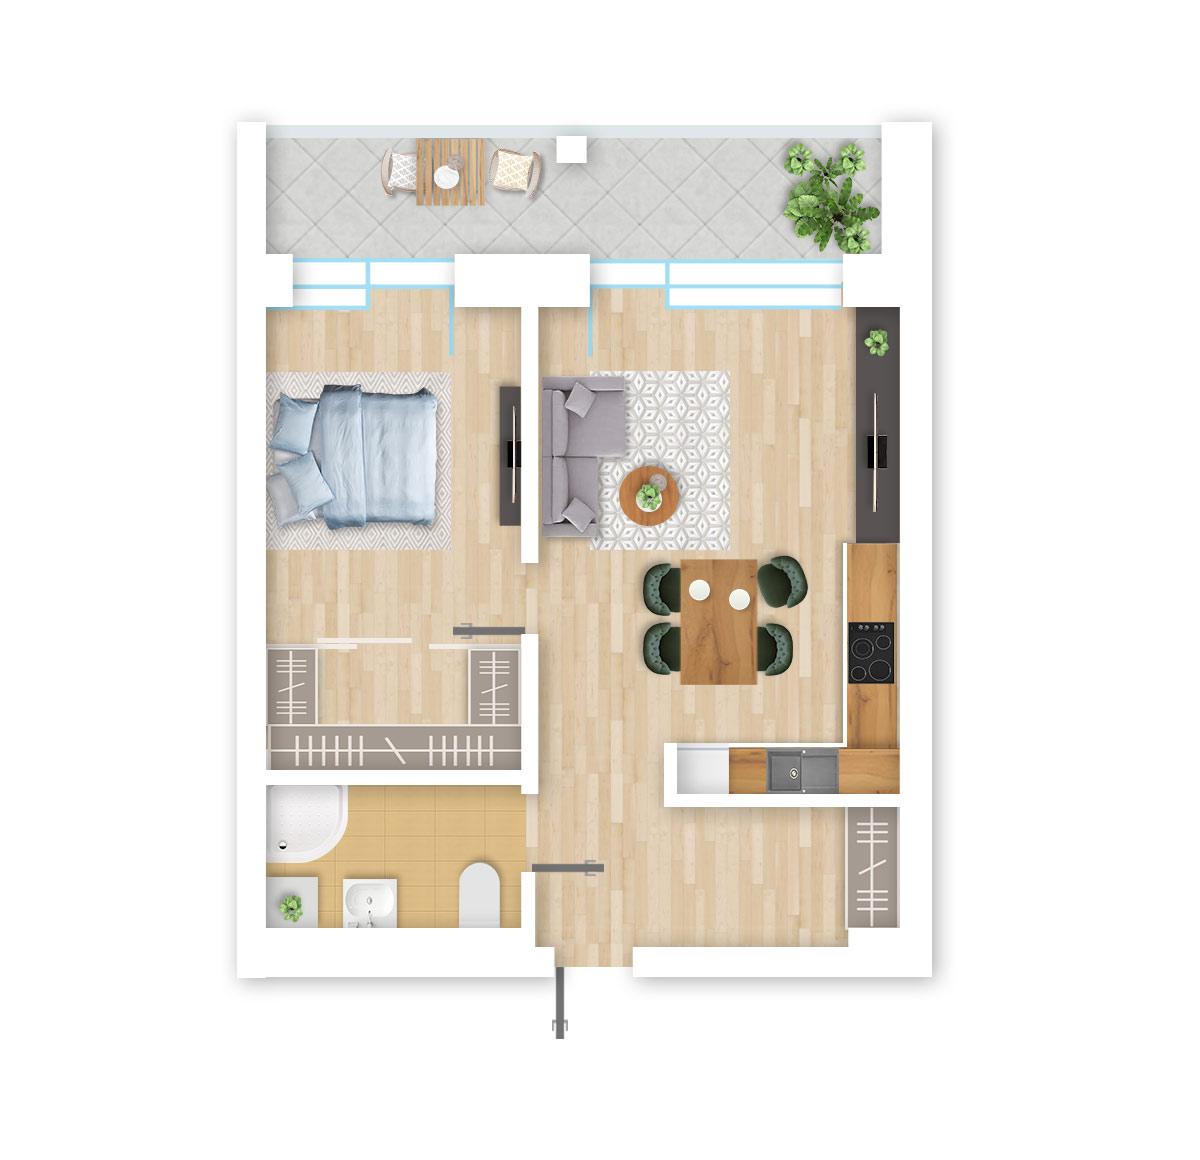 parduodamas butas Lazdynėlių g. 16B - 21 Vilniuje, buto 3D vaizdas